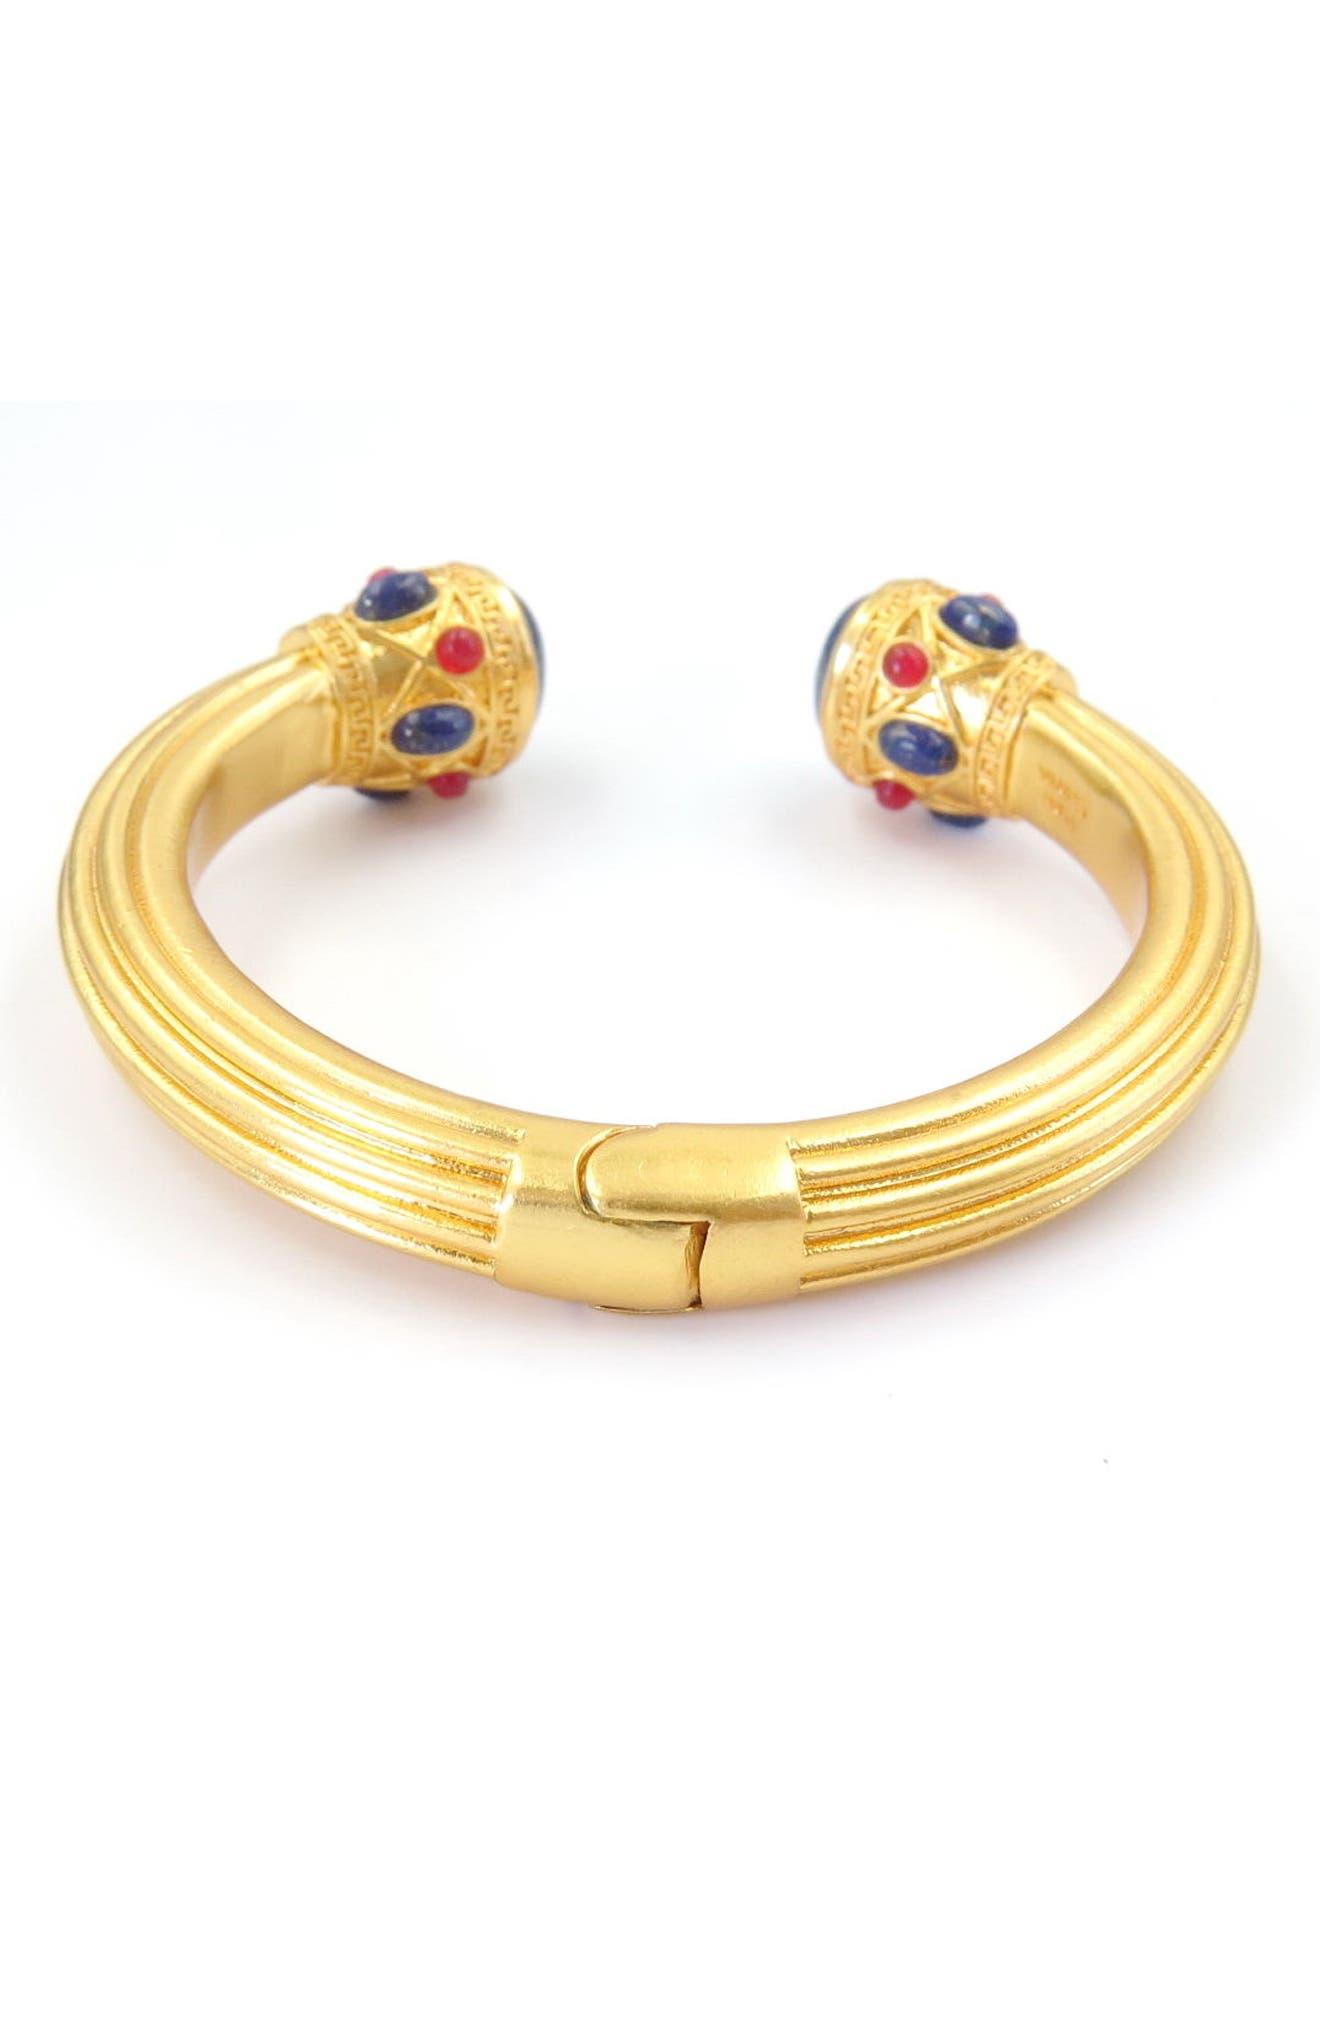 Lapis & Quartzite Cuff Bracelet,                             Alternate thumbnail 2, color,                             Gold